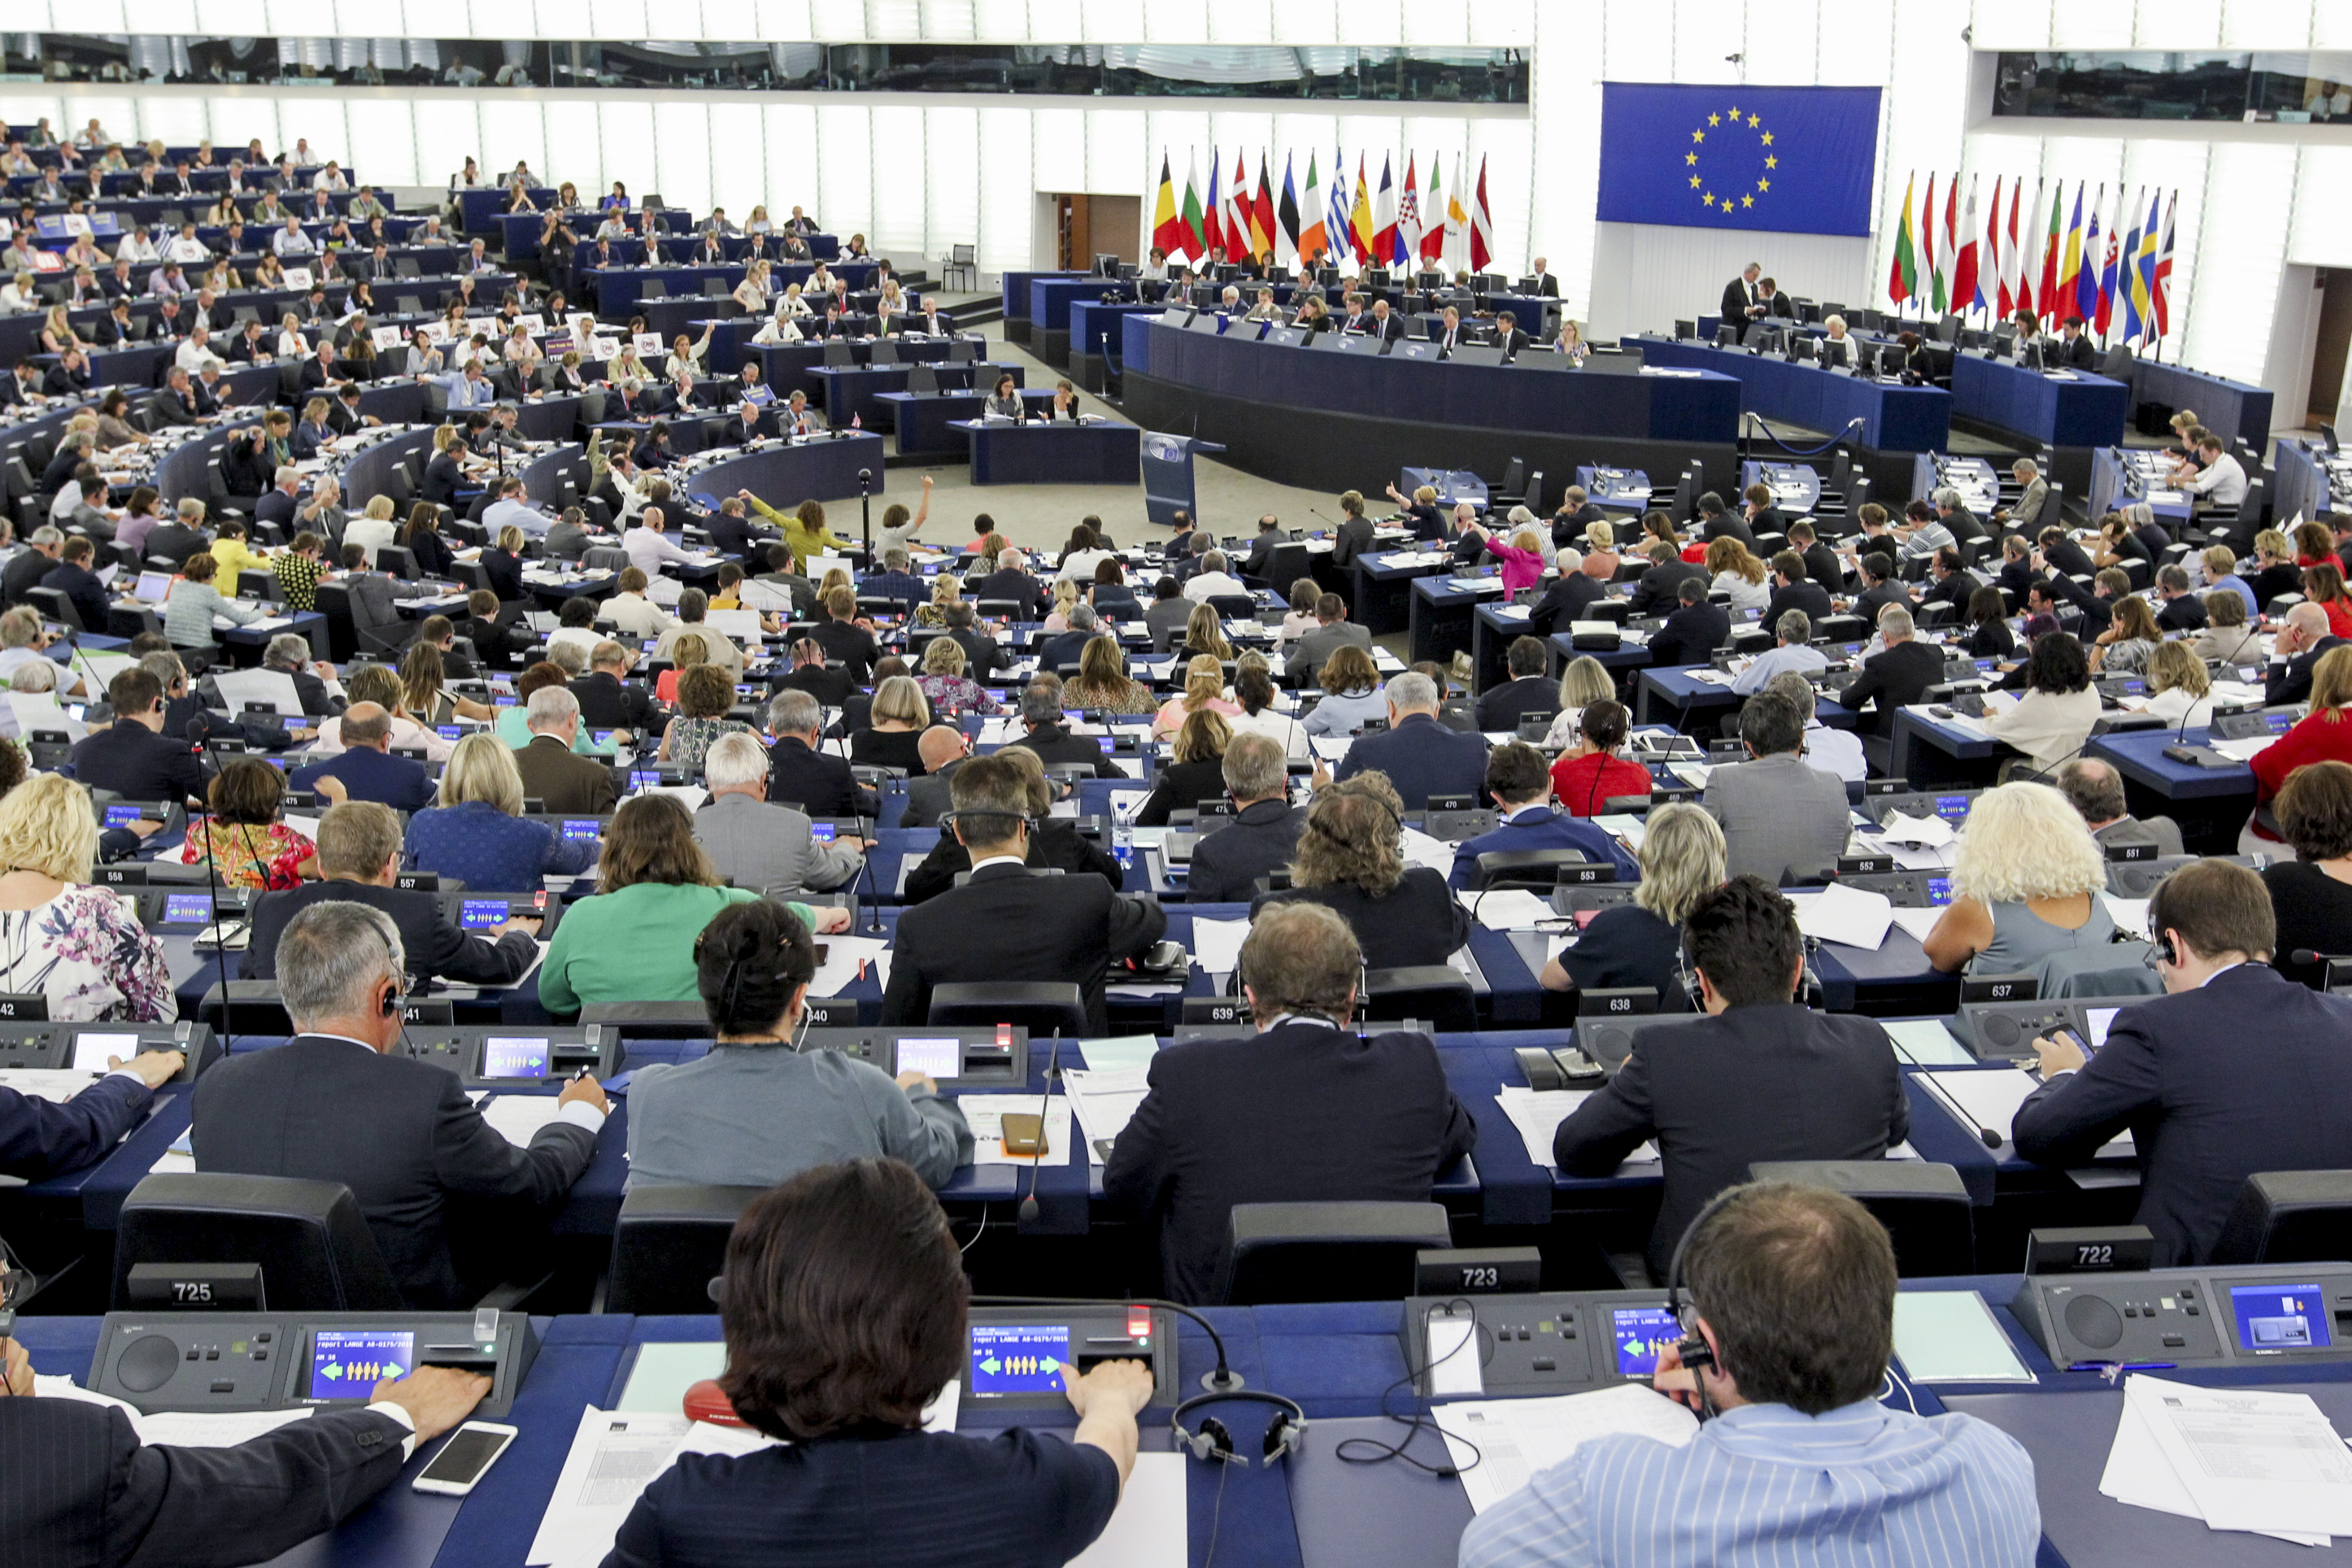 Parlamento ue approva la risoluzione sul ttip insorgono for Ricerca sul parlamento